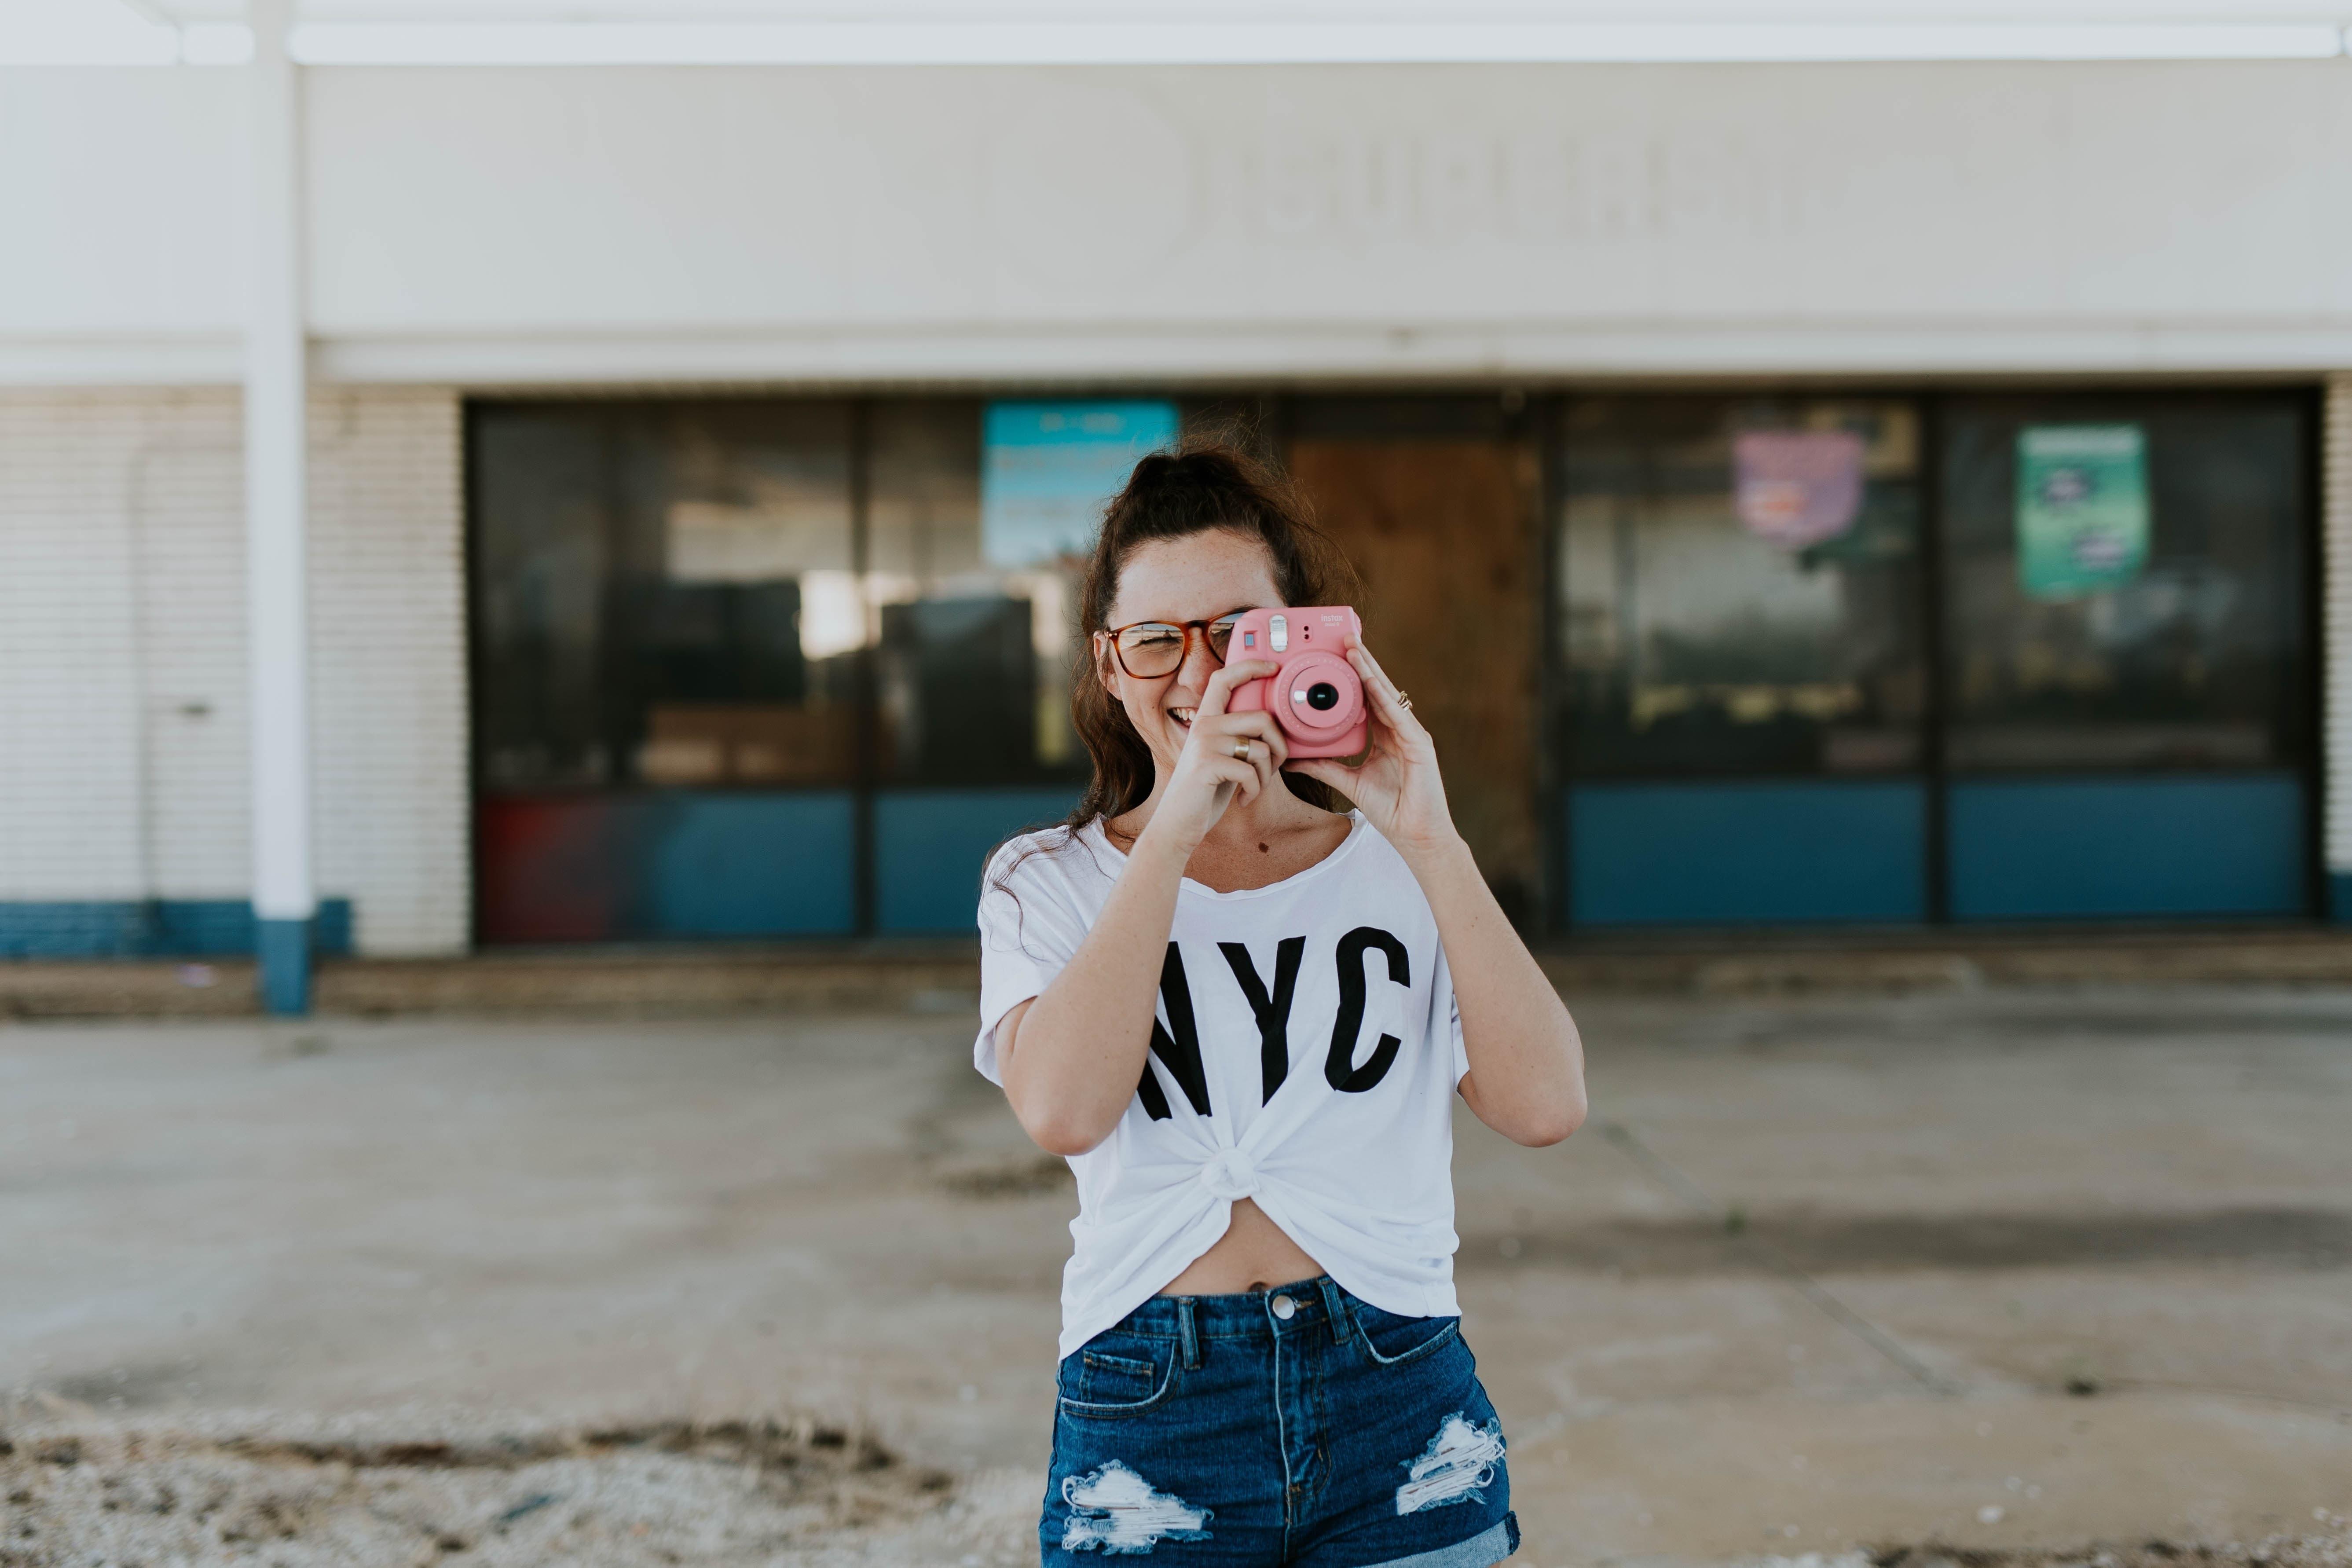 写真を撮る女性の画像